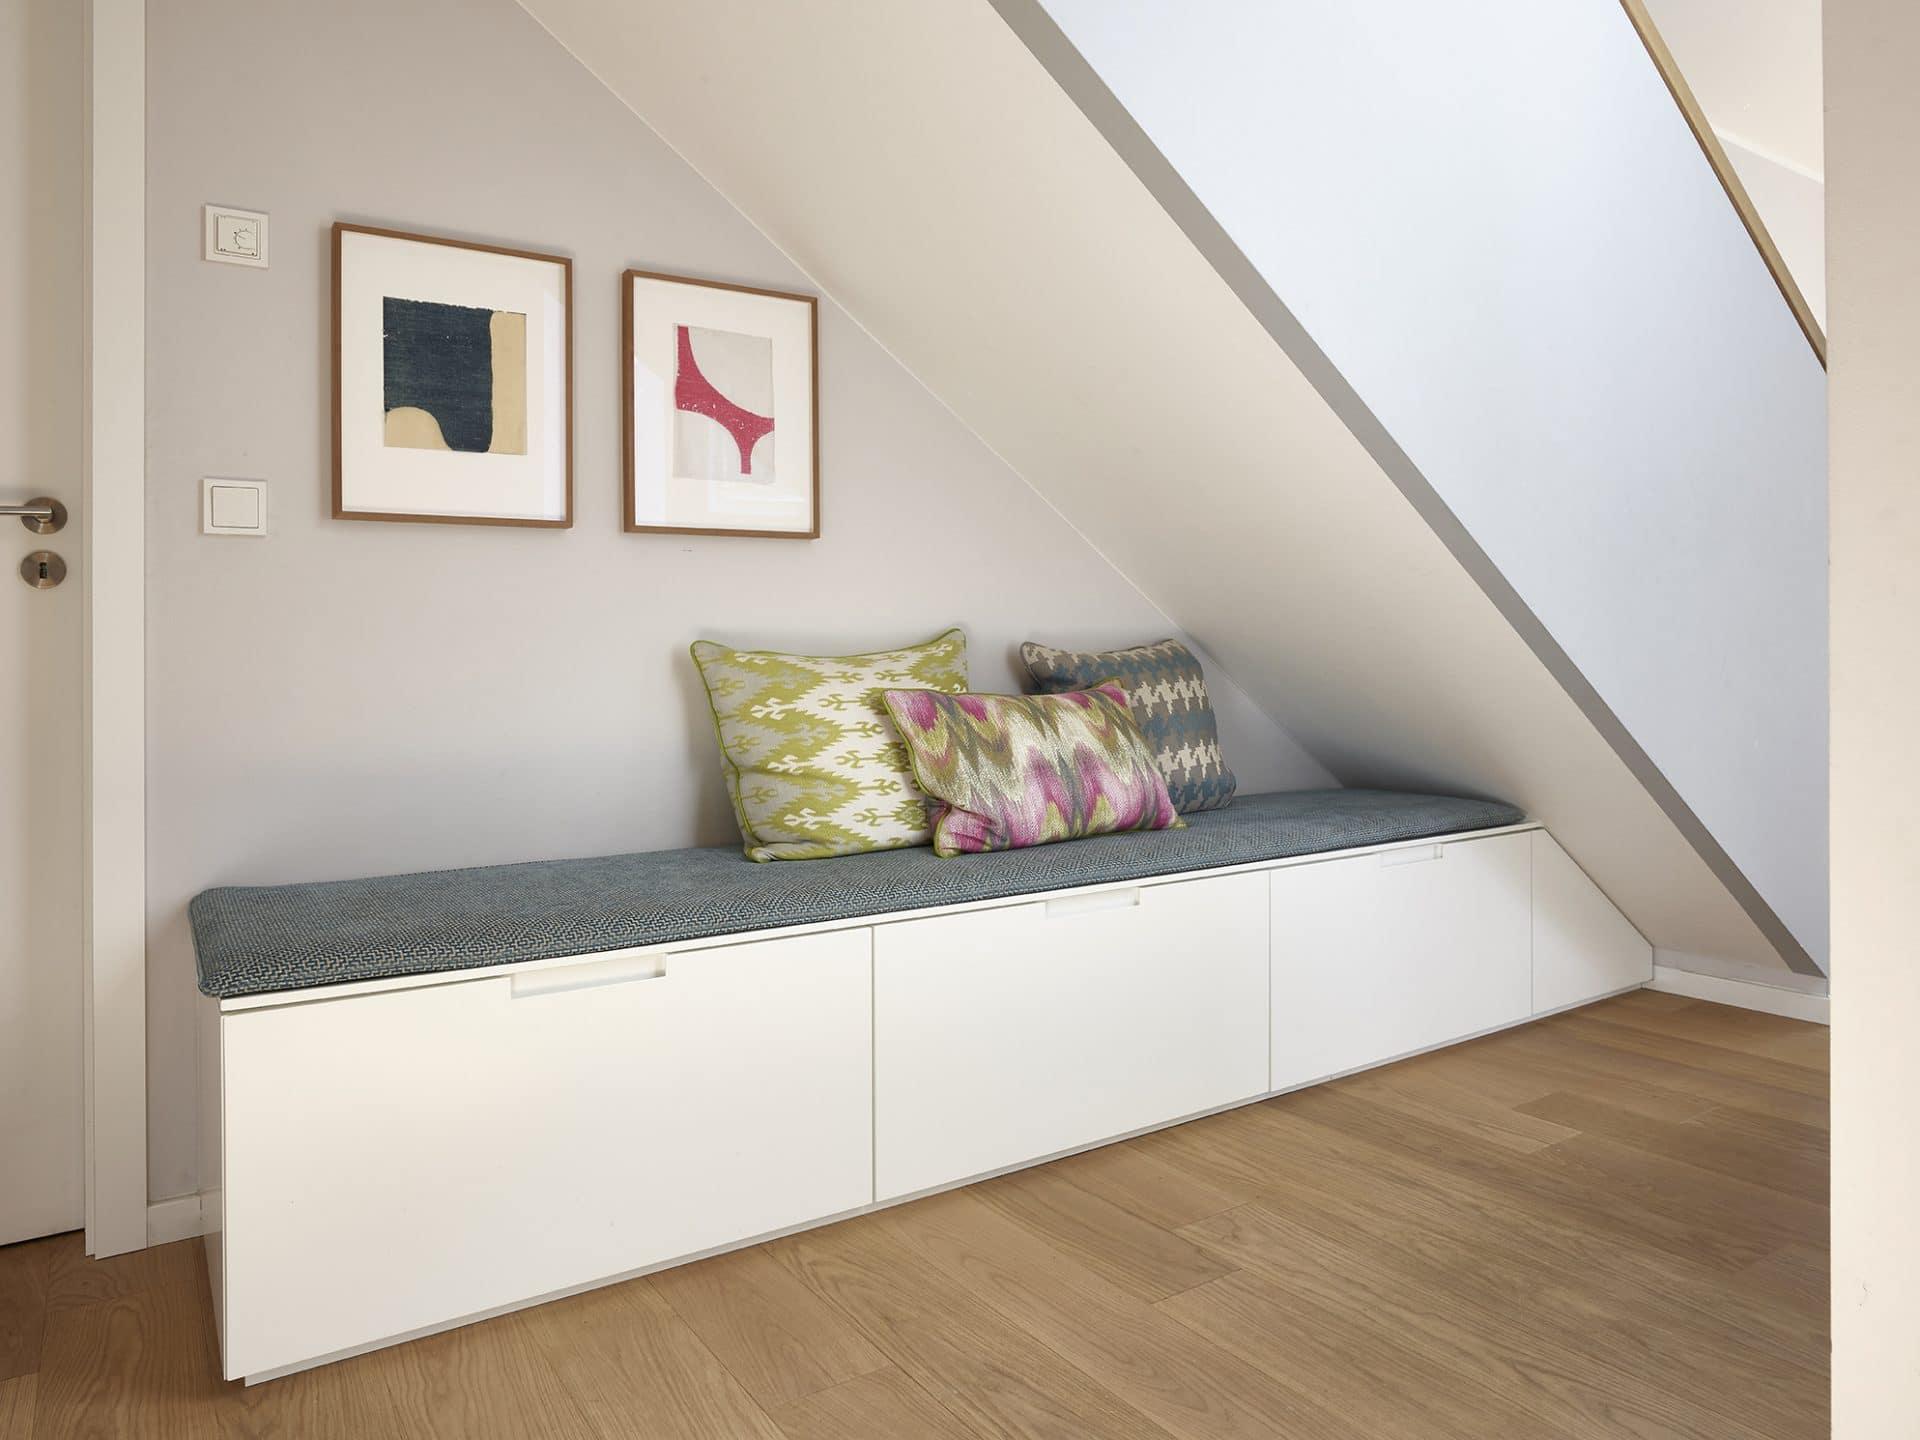 Inneneinrichtungsdesign von Voit, Küche aus Mattlack weiß - Blick in den Eingangsbereich mit Bank unter einer Treppe